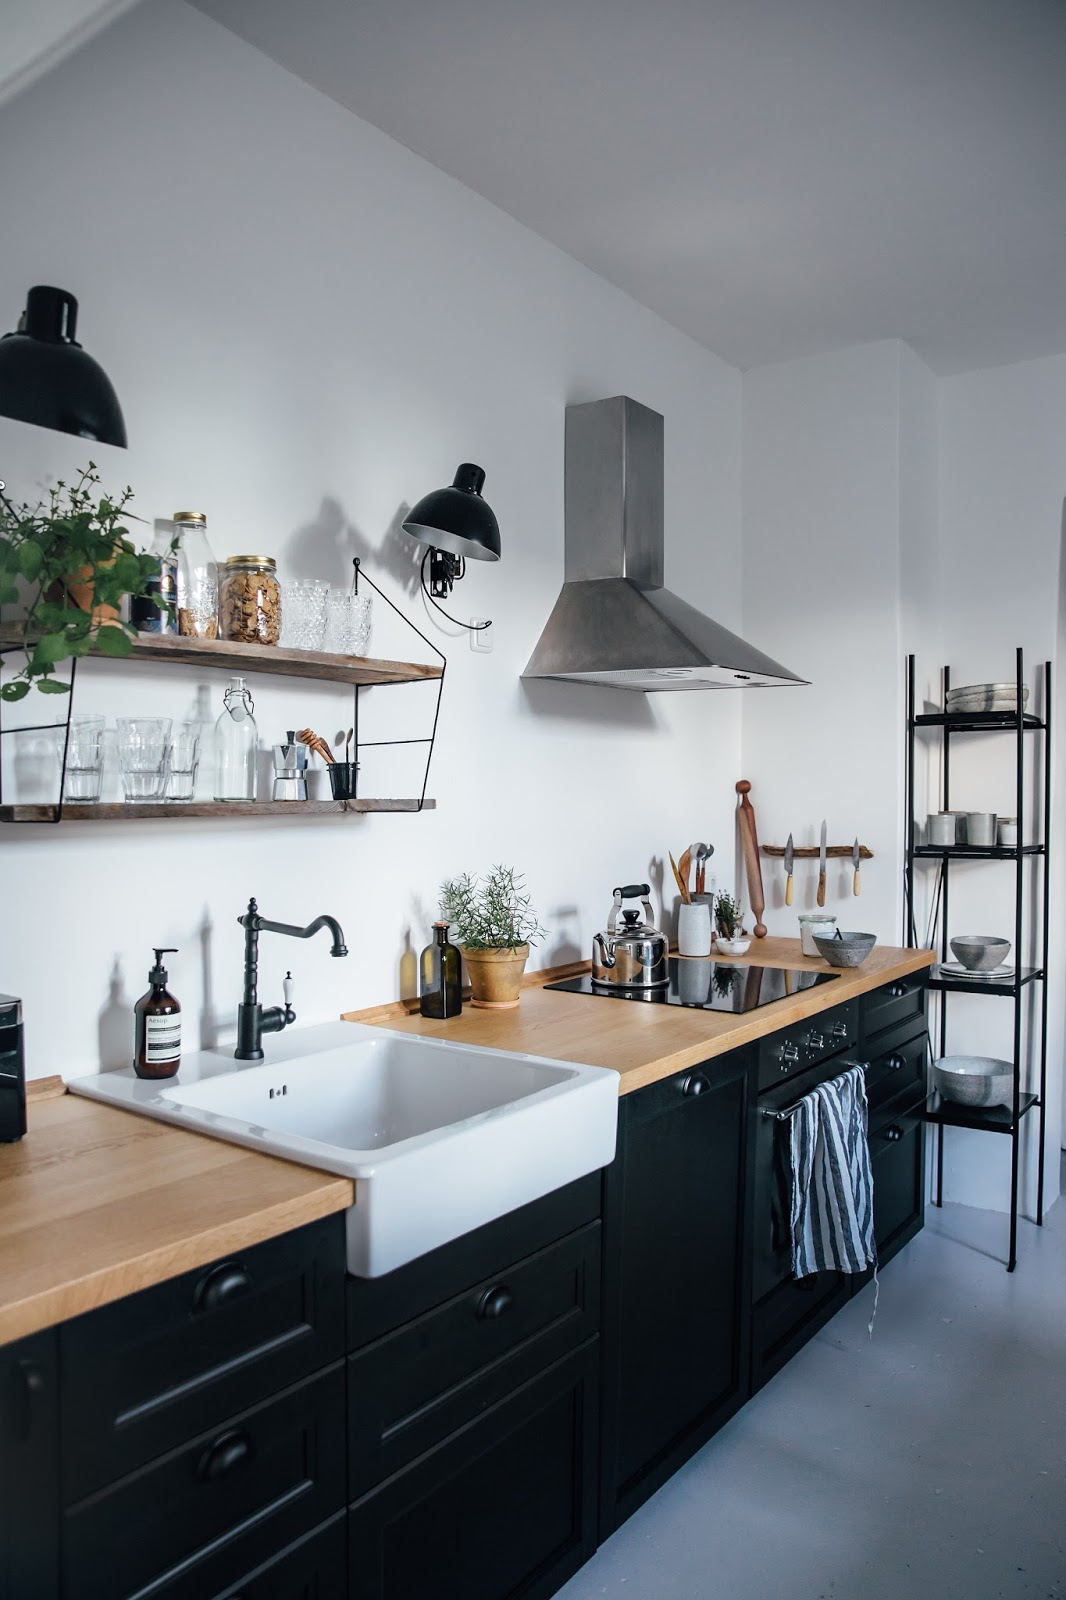 Décoration de cuisine scandinave avec évier à poser blanc #decoration #cuisine #scandinave